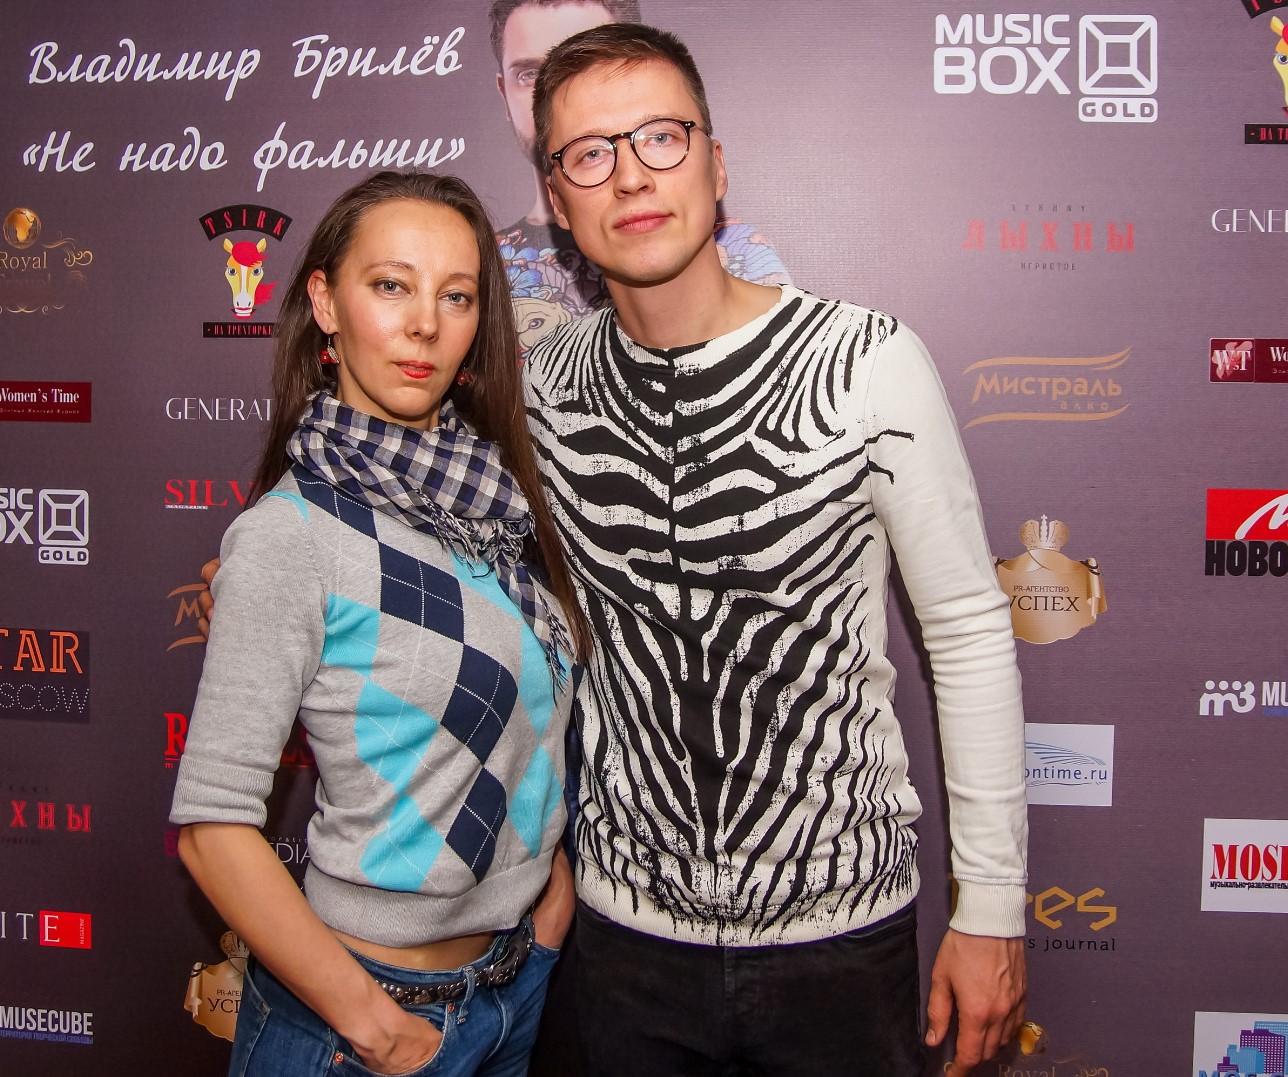 nesterov-vladimir-brilyov-prezentoval-klip-ne-nado-falshi — копия